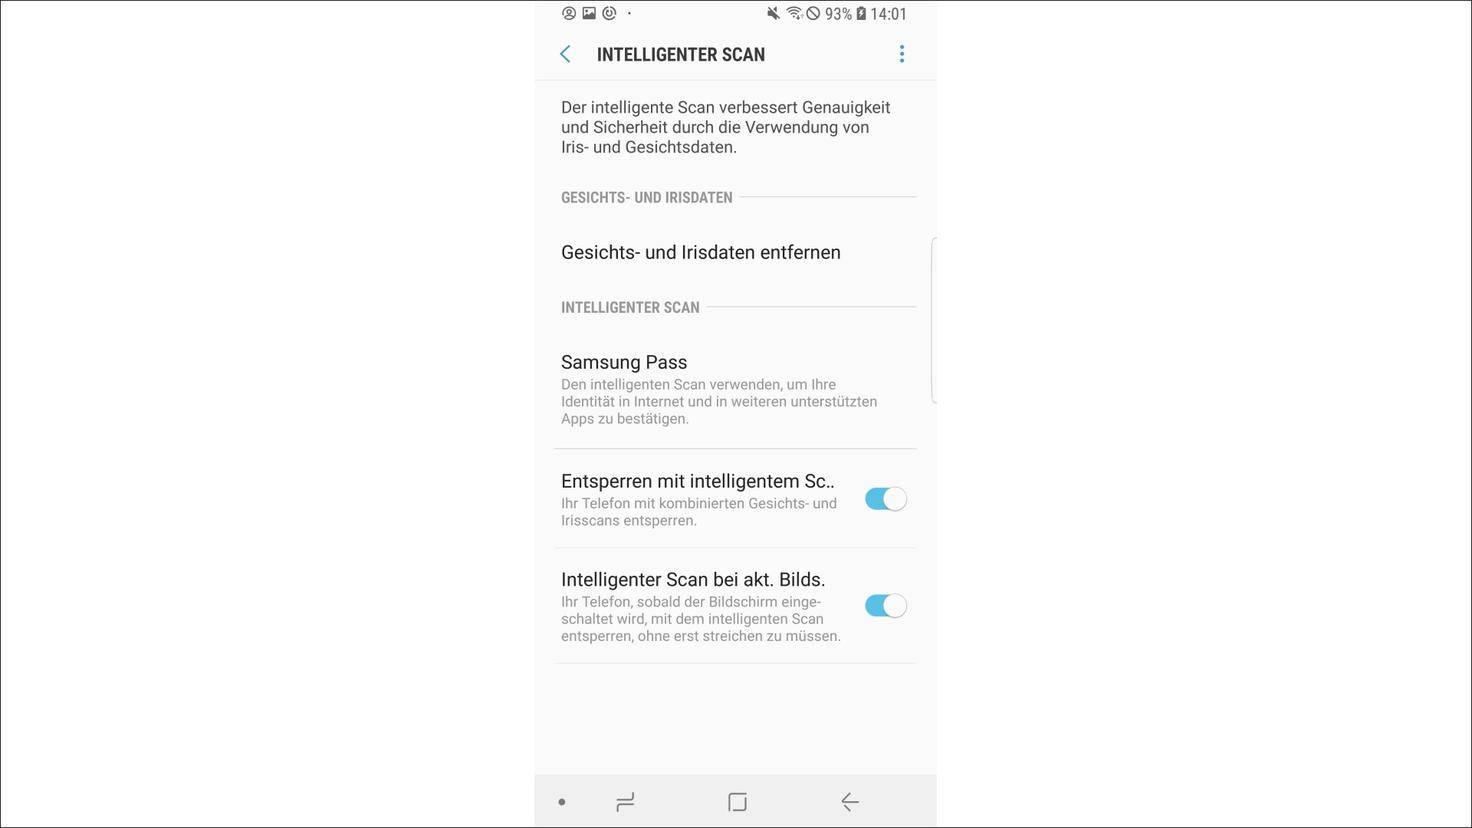 Galaxy-S9-Intelligenter-Scan-2